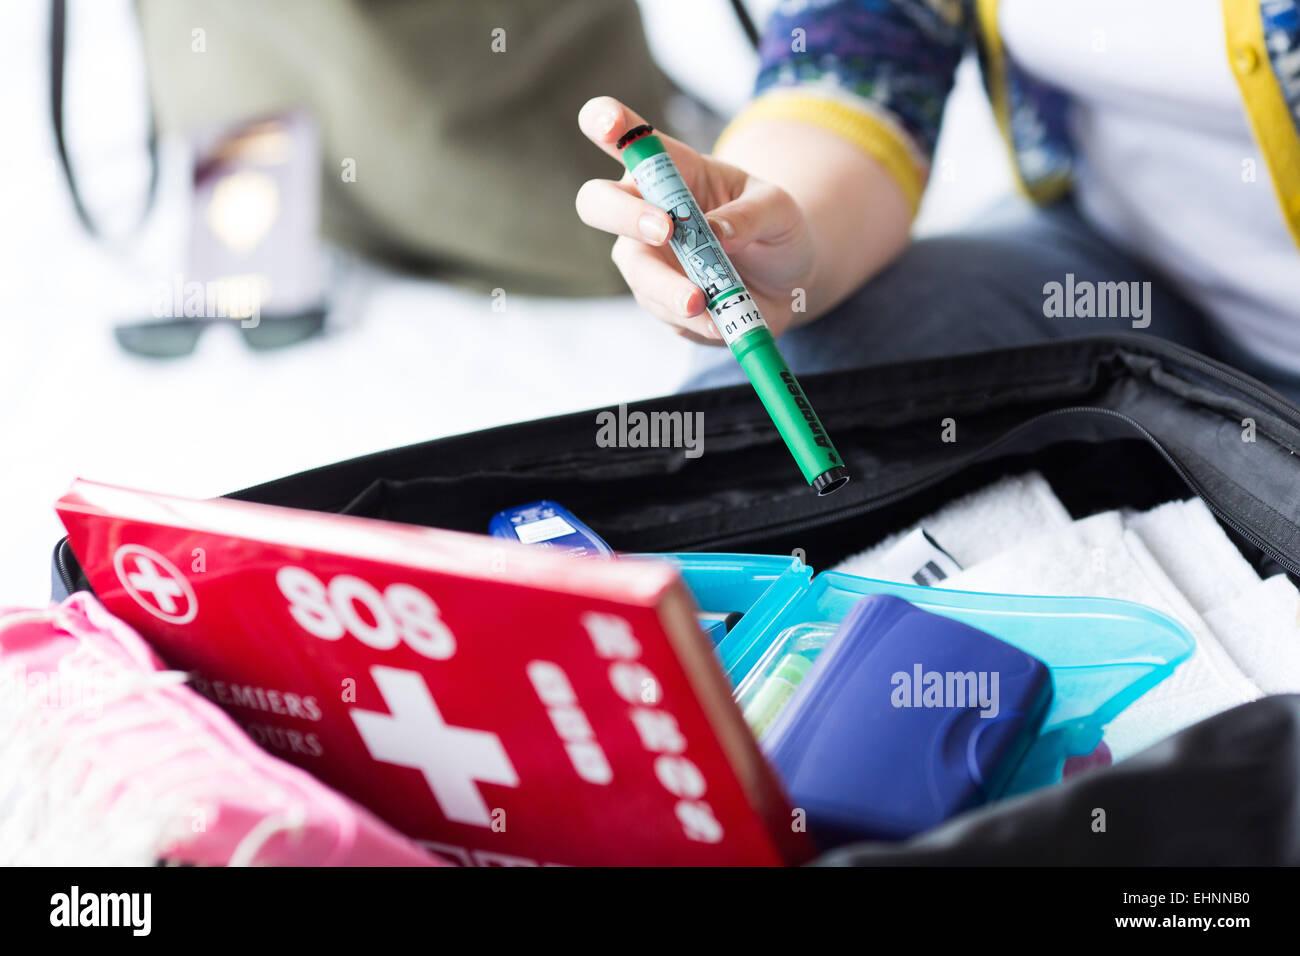 Anapen ®, epinefrina autoiniettore, un trattamento di emergenza in caso di reazioni anafilattiche o anafilattoidi Immagini Stock